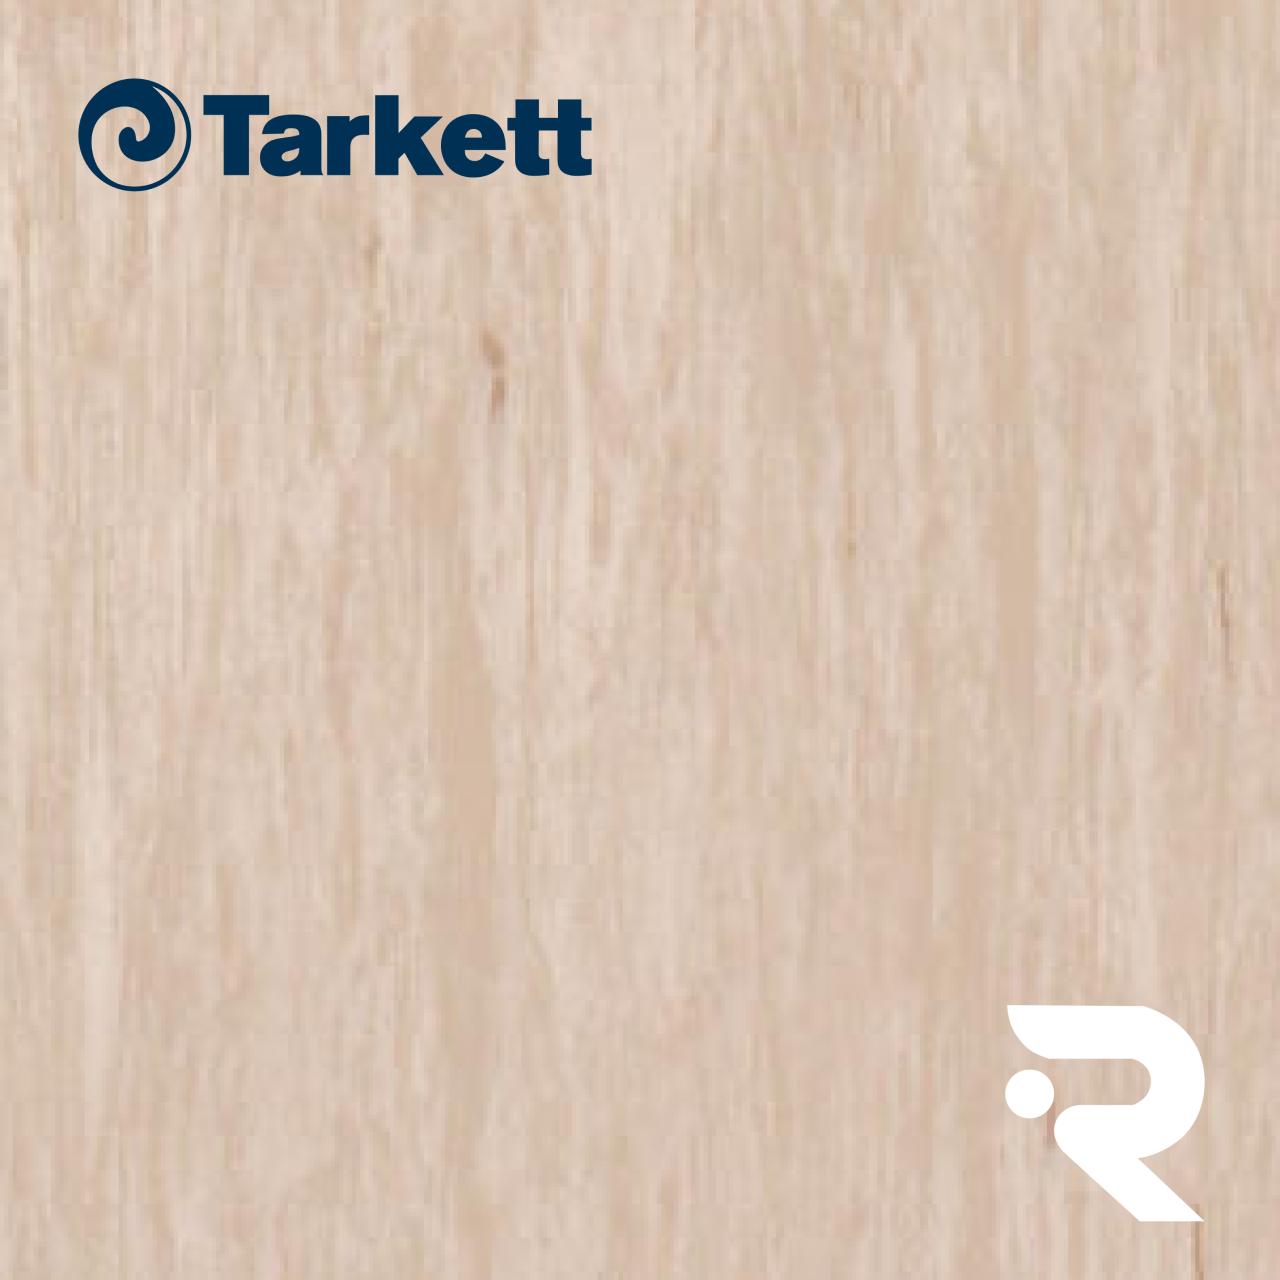 🏫 Гомогенний лінолеум Tarkett   Standard LIGHT BEIGE 0479   Standard Plus 2.0 mm   2 х 23 м